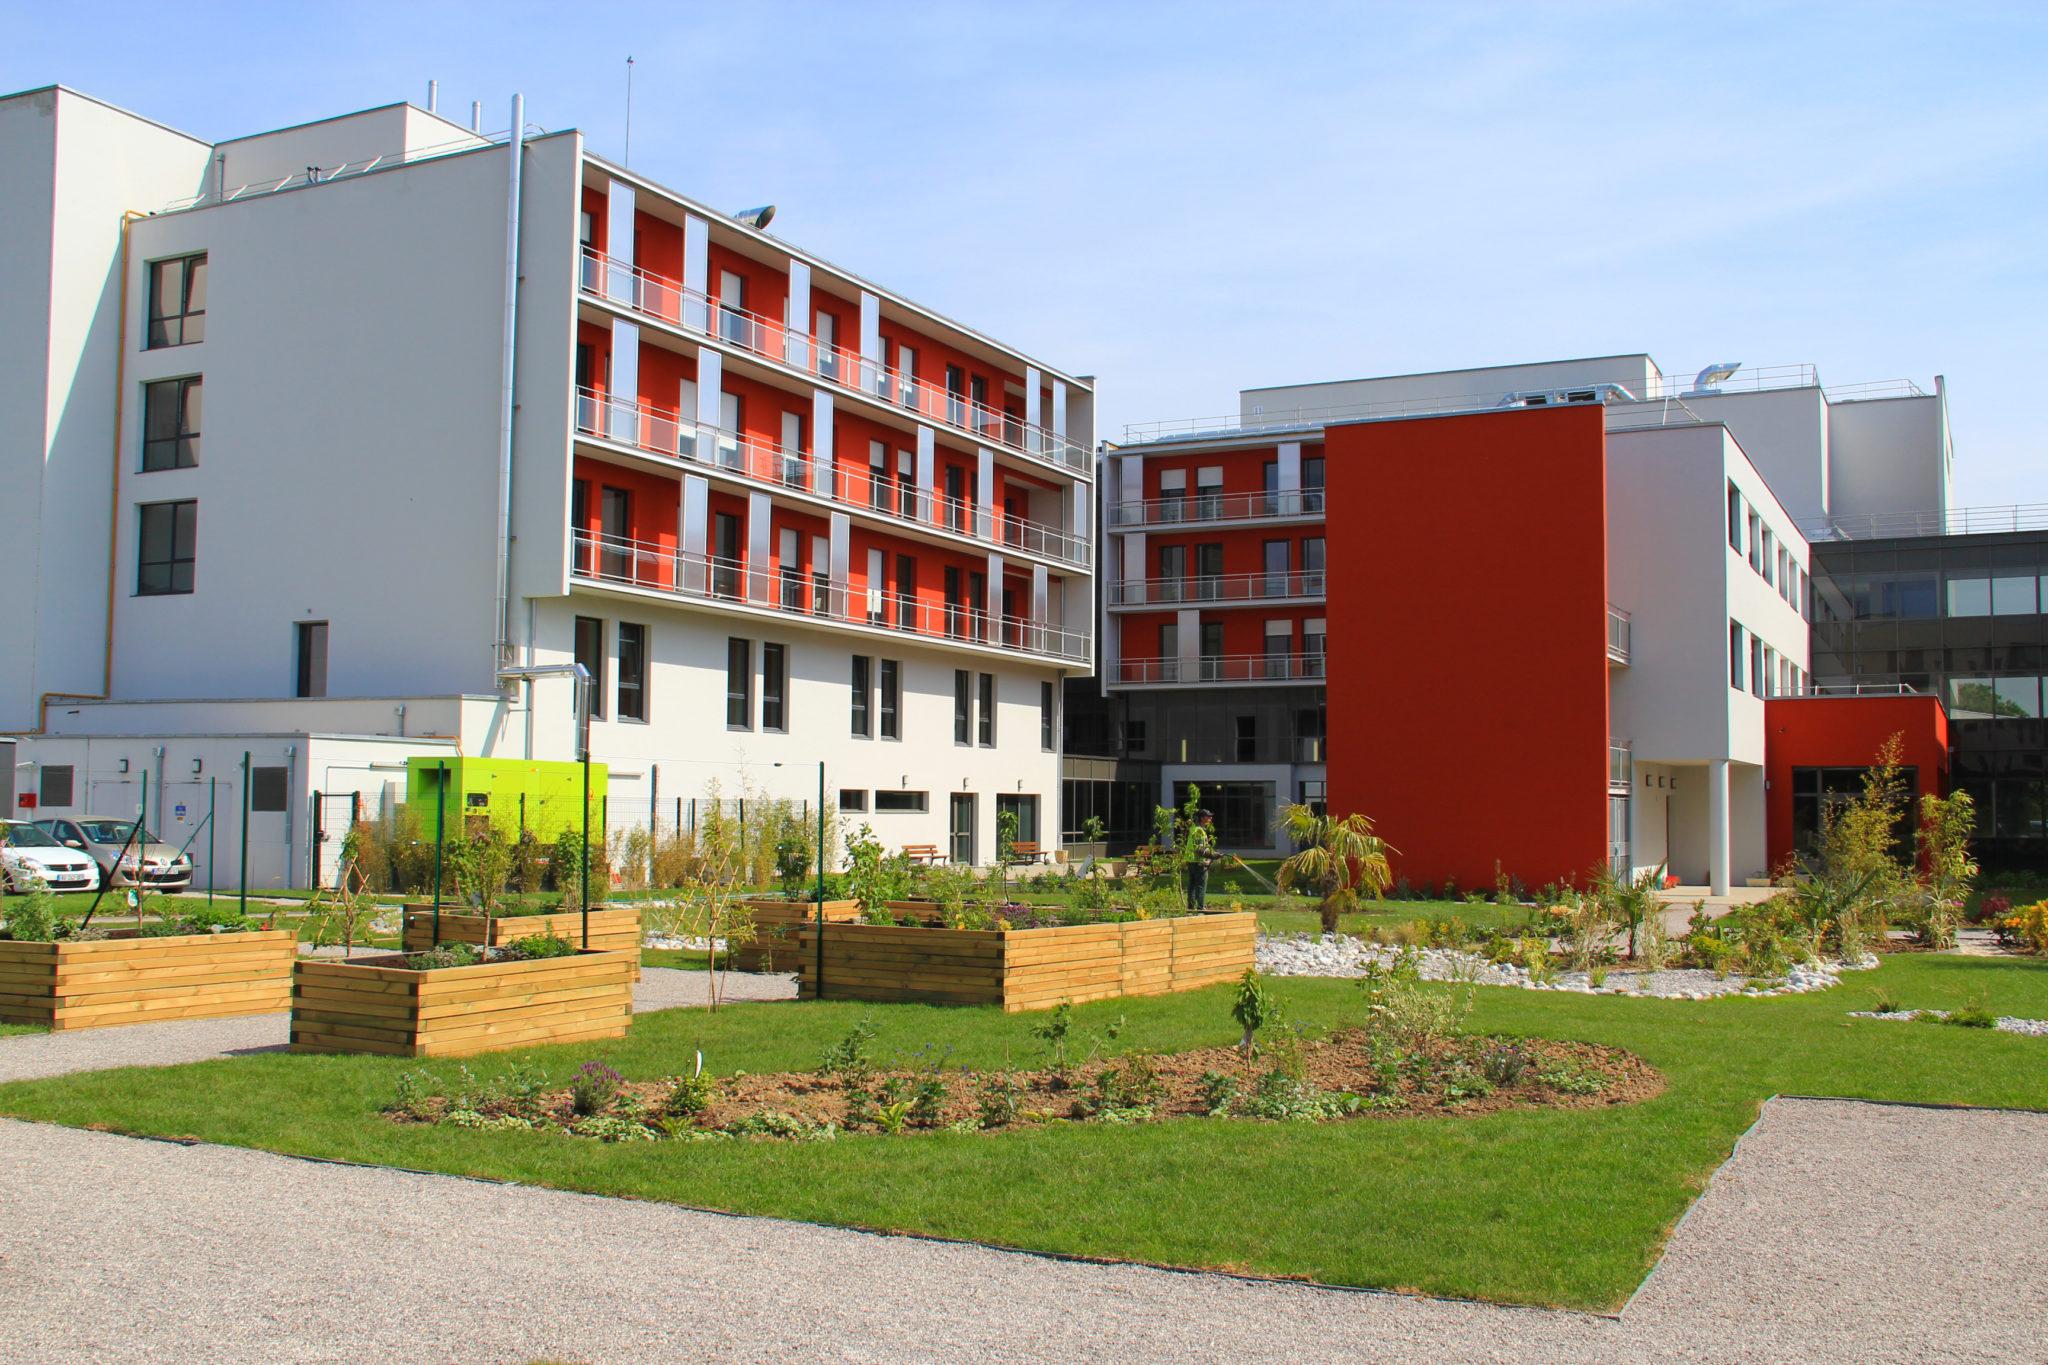 Maison Médicale Jean 23